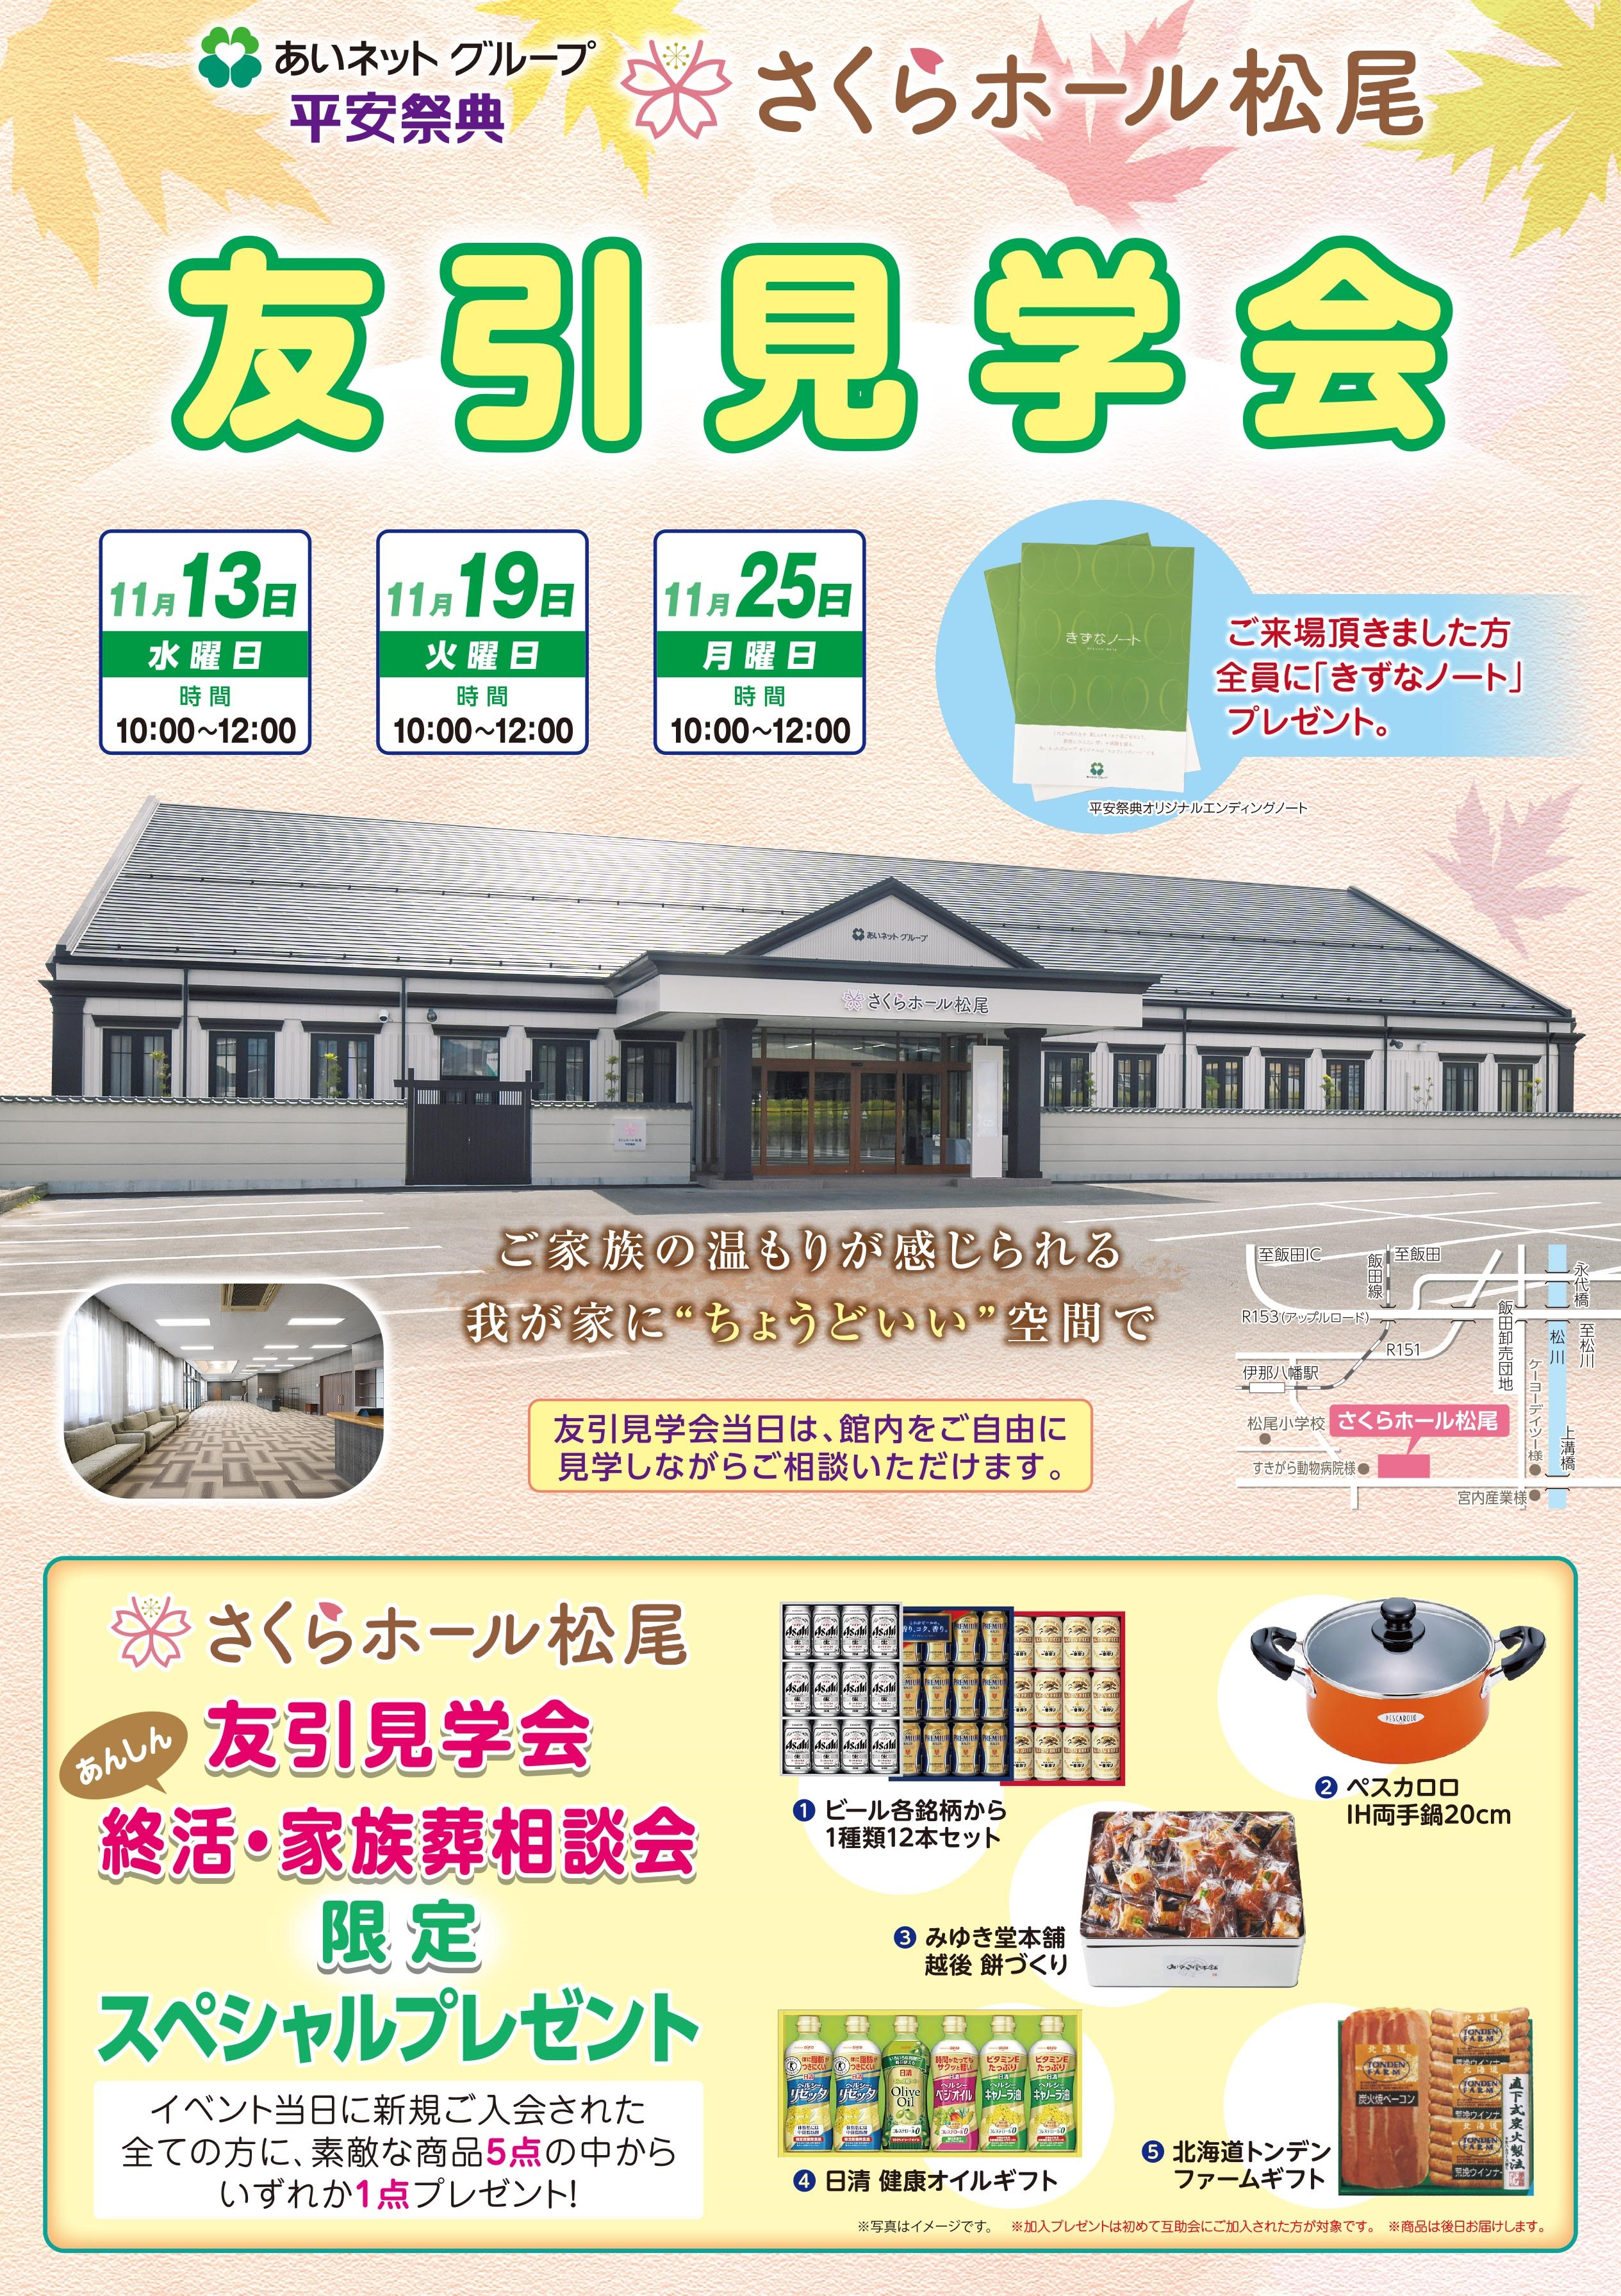 【11月開催】さくらホール松尾 友引見学会